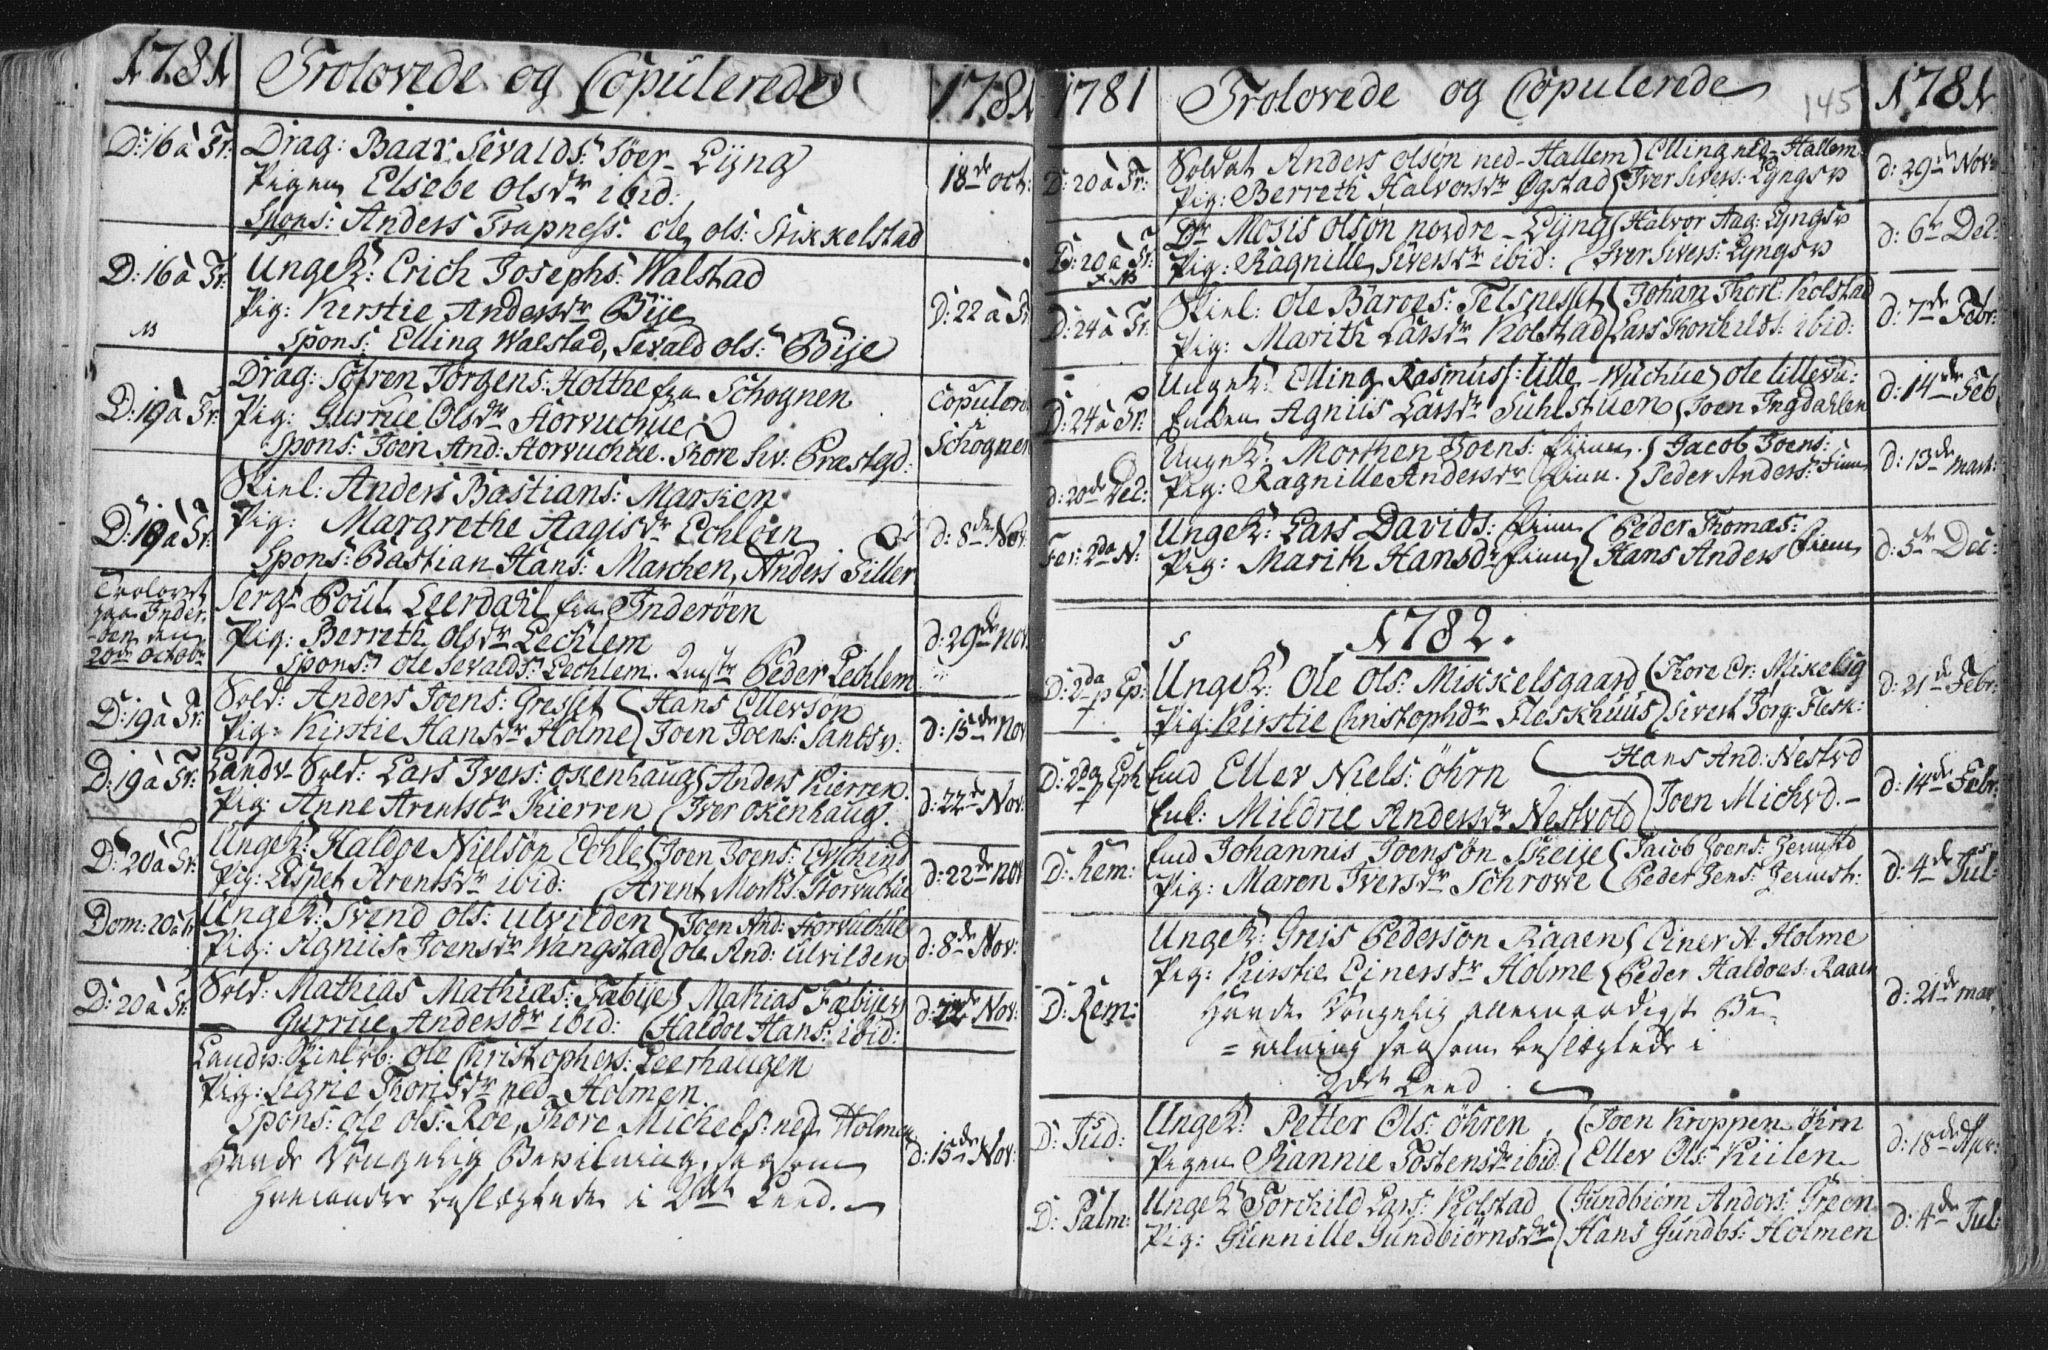 SAT, Ministerialprotokoller, klokkerbøker og fødselsregistre - Nord-Trøndelag, 723/L0232: Ministerialbok nr. 723A03, 1781-1804, s. 145